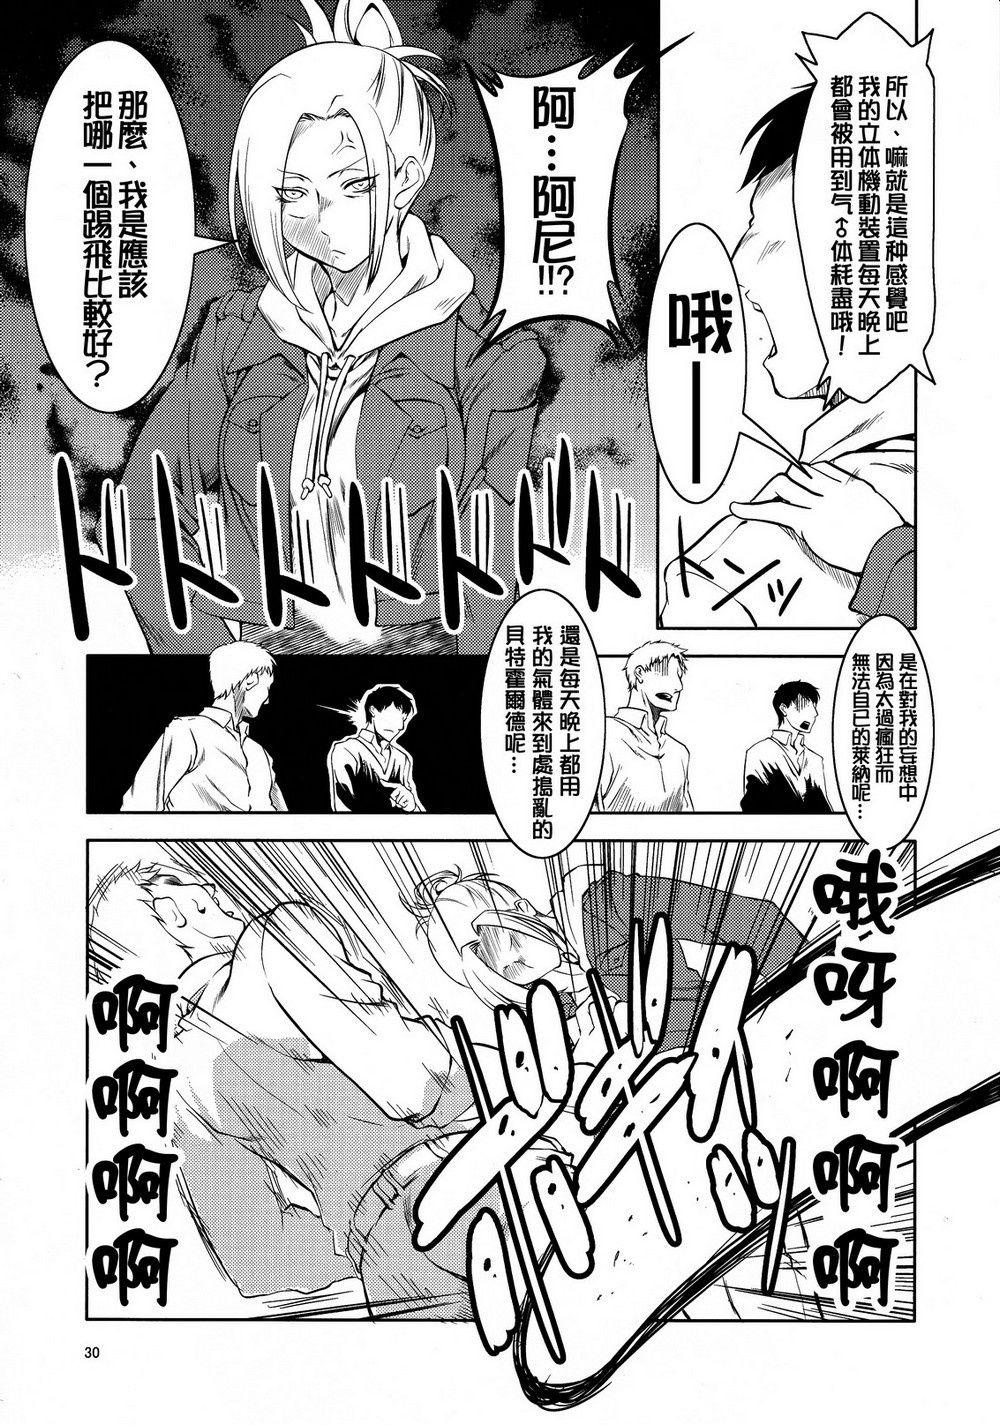 Sekai no shinditsu hentai manga picture 26